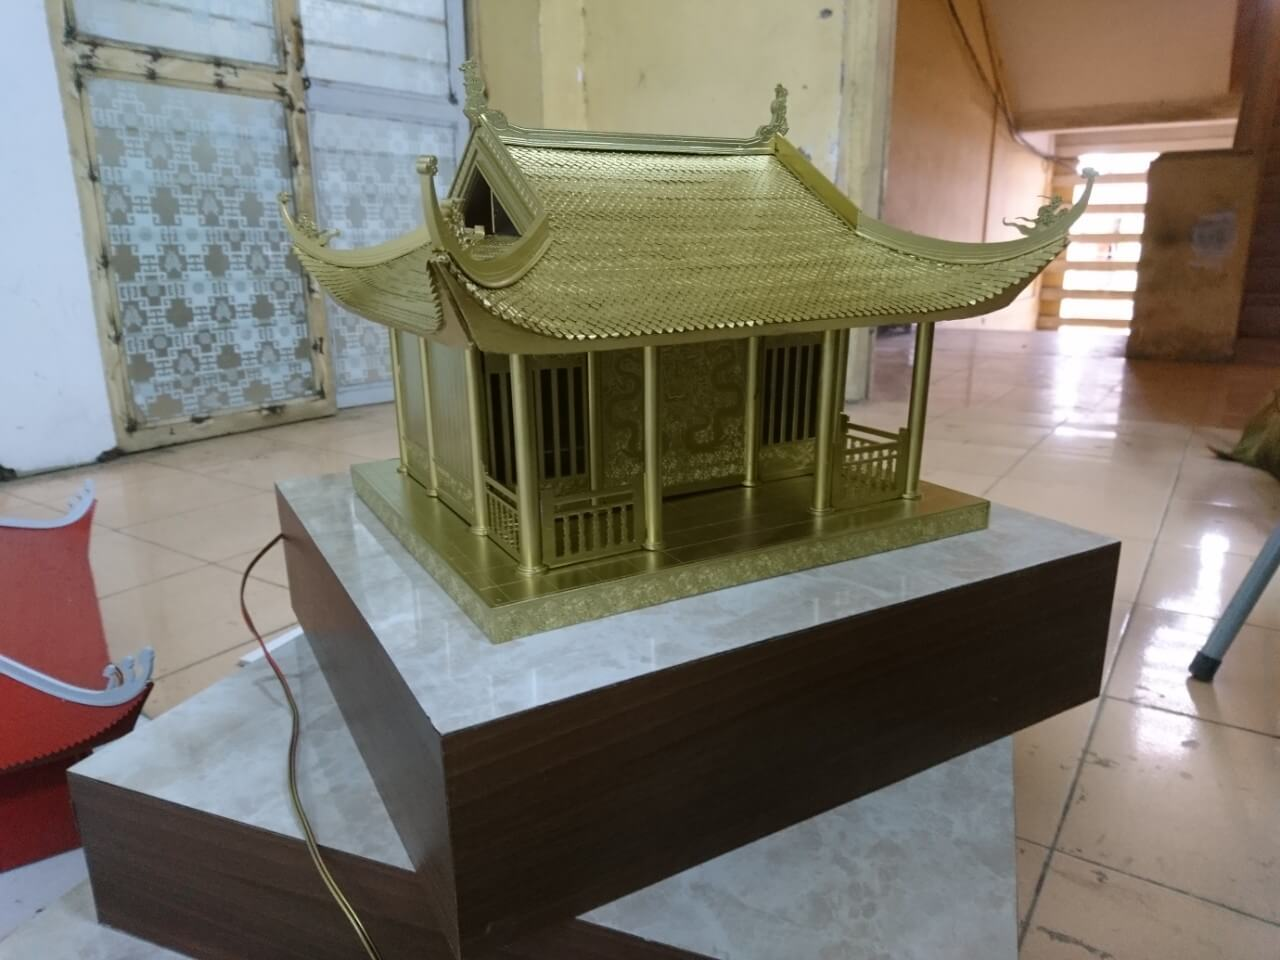 Mô hình chùa và tượng cho dự án hoa lập thể núi Yên Tử